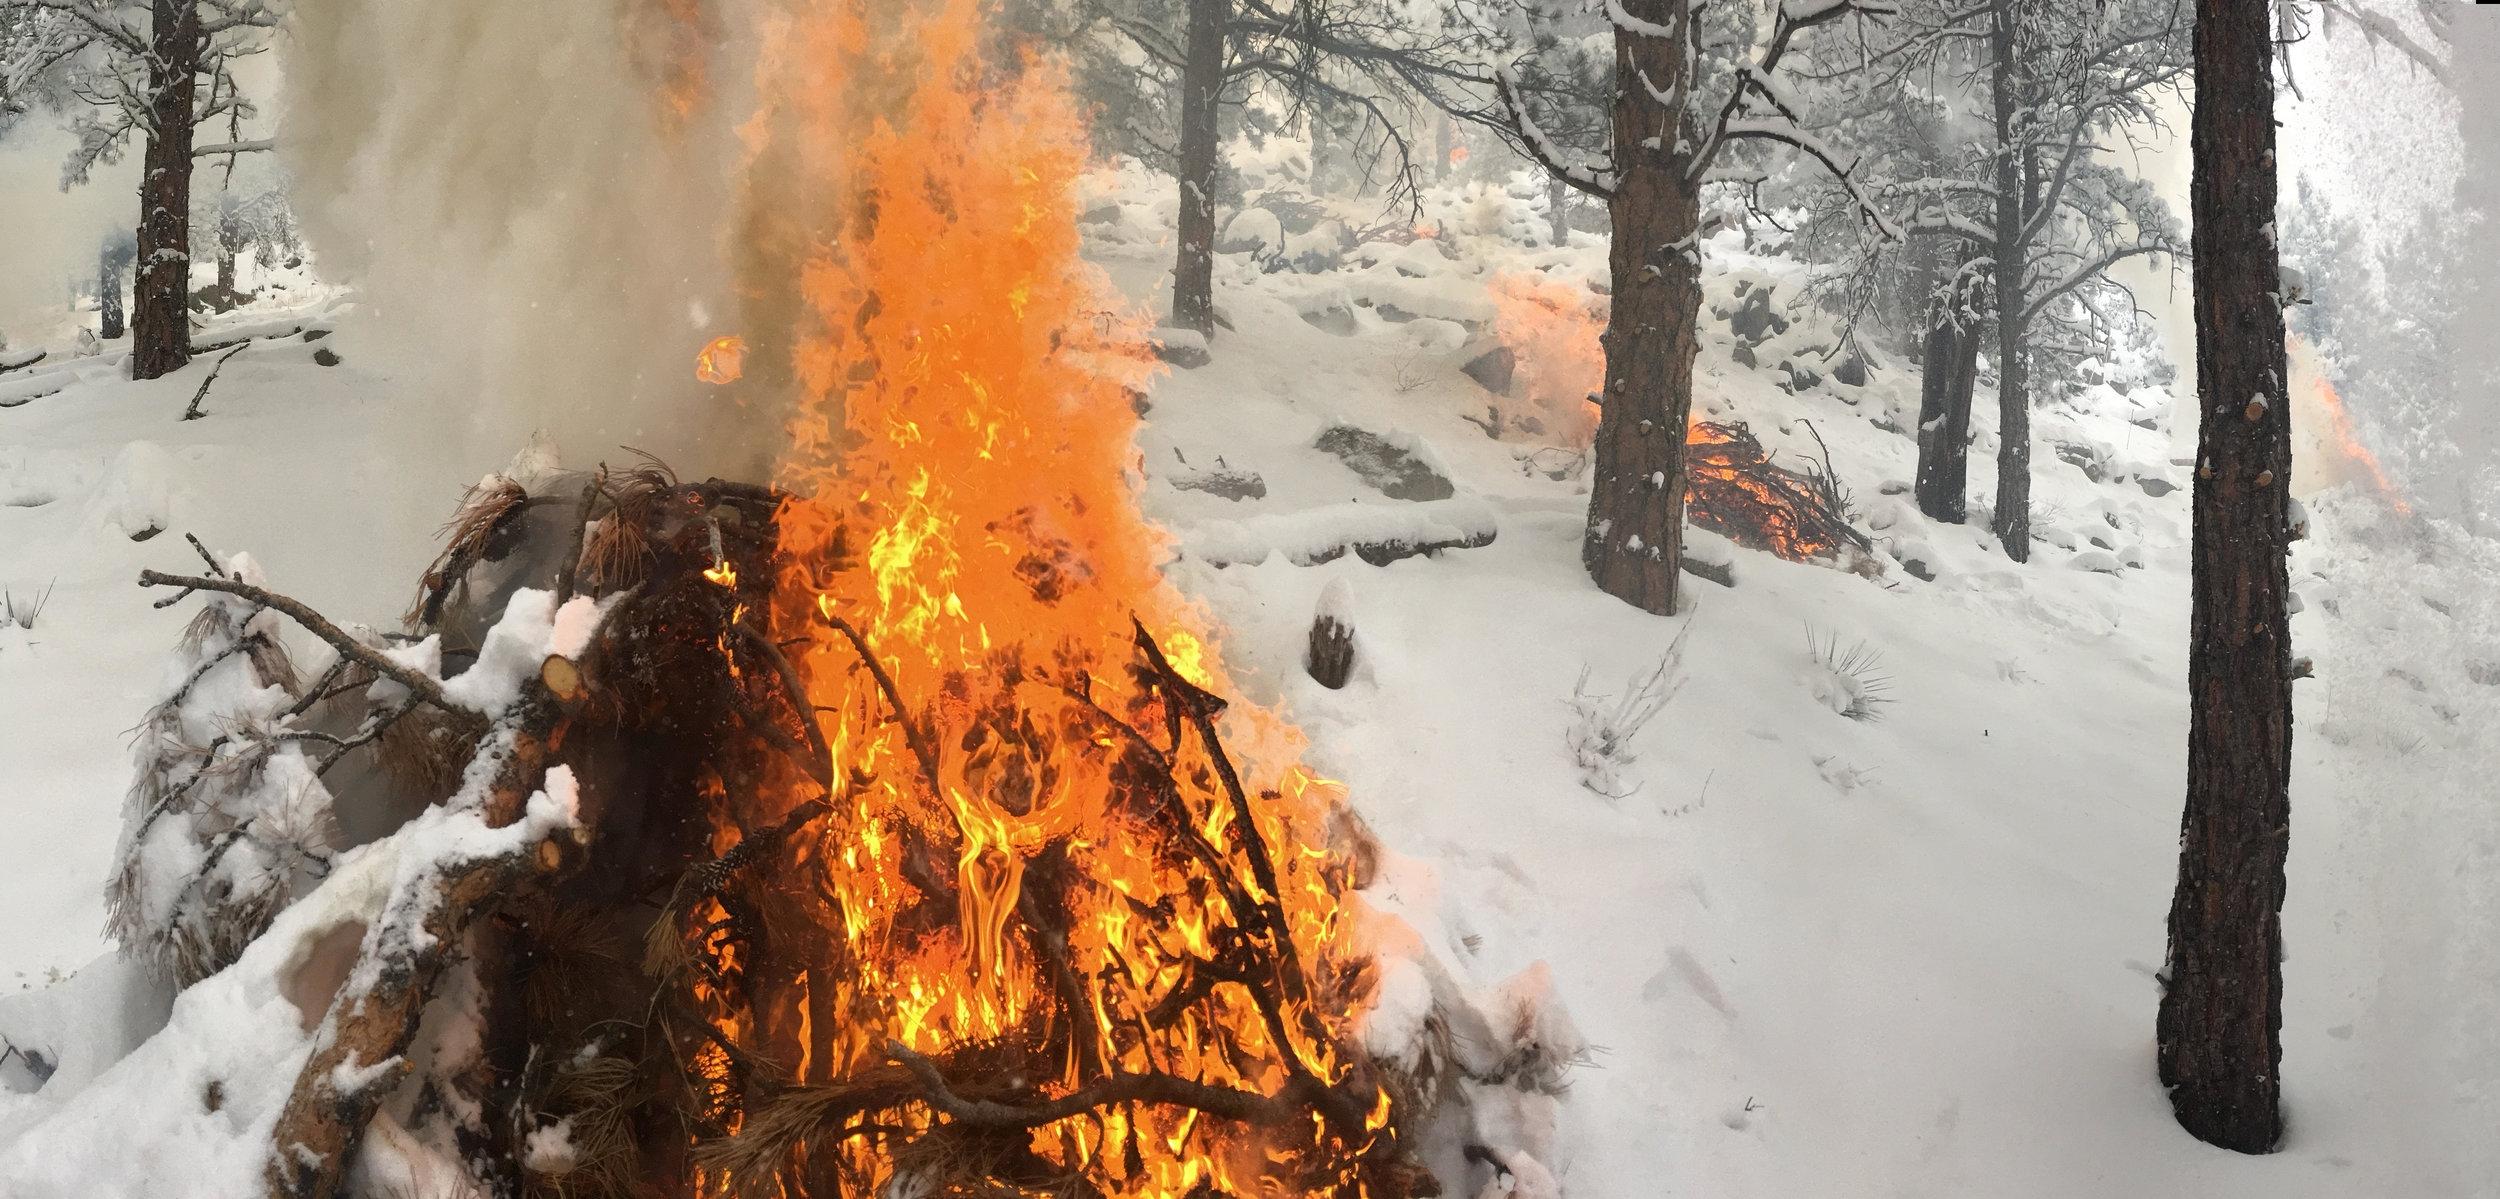 Slash Pile Burning